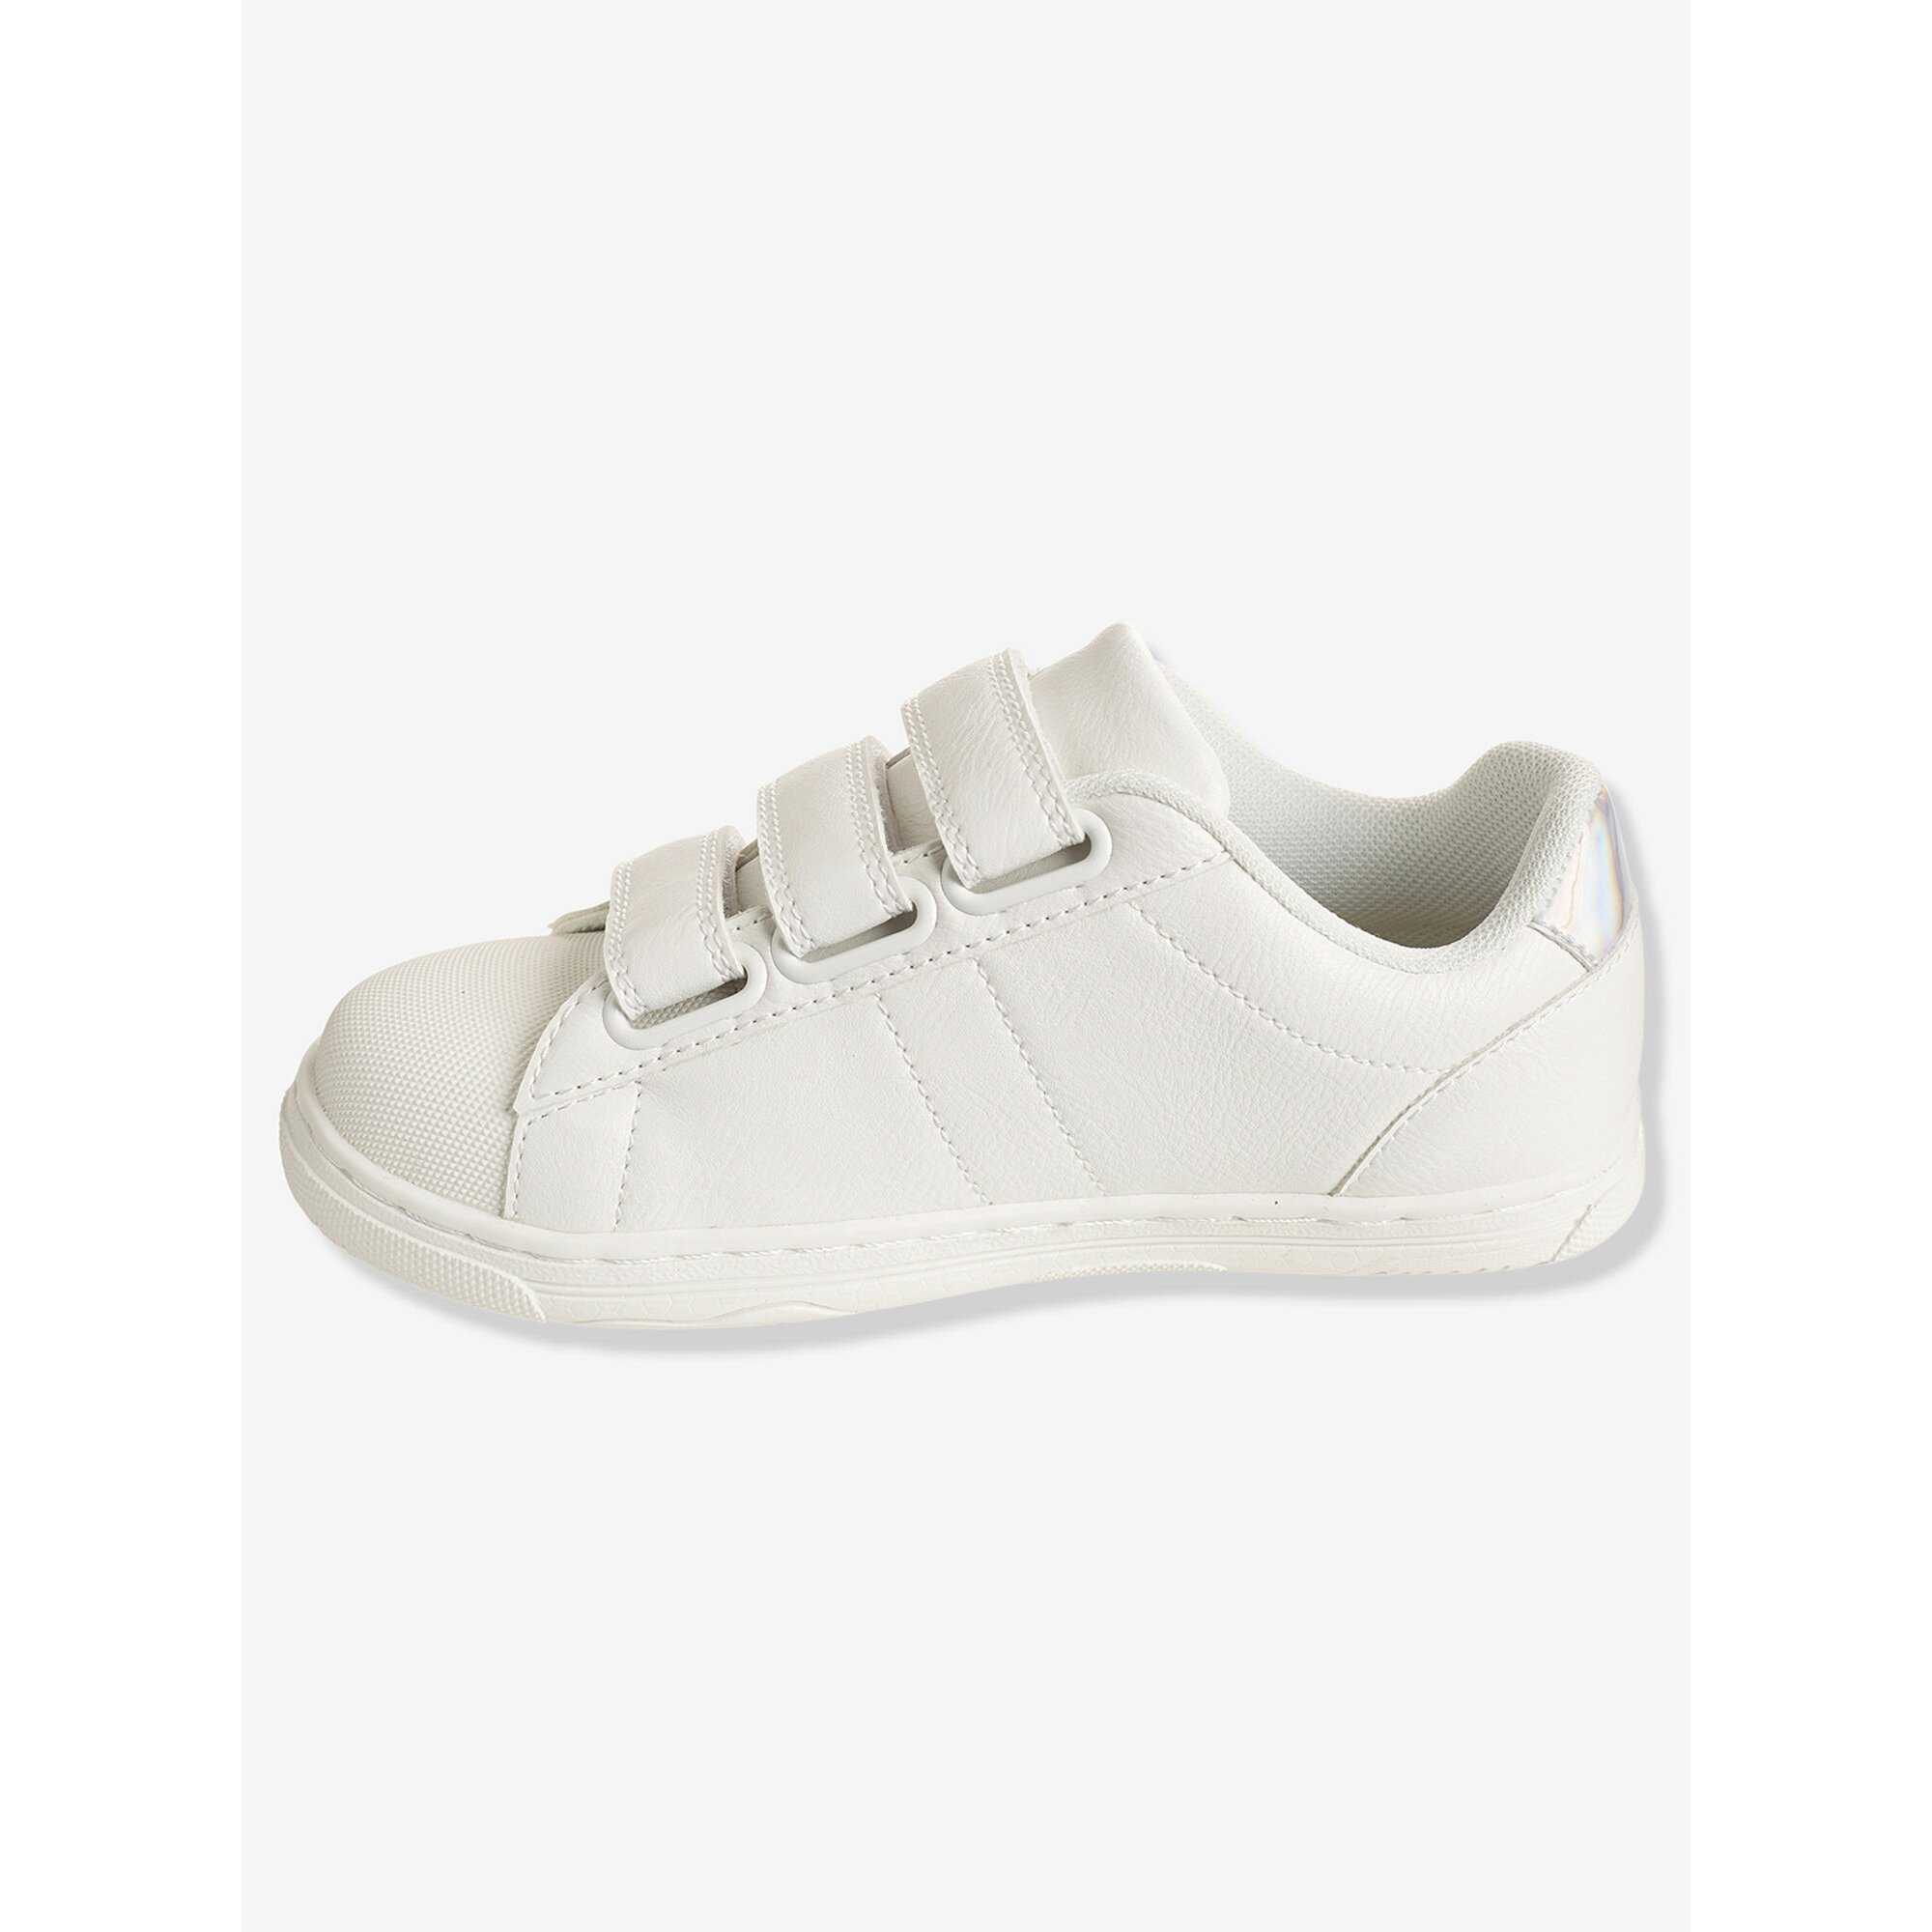 vertbaudet-klett-sneakers-fur-madchen, 35.99 EUR @ babywalz-de